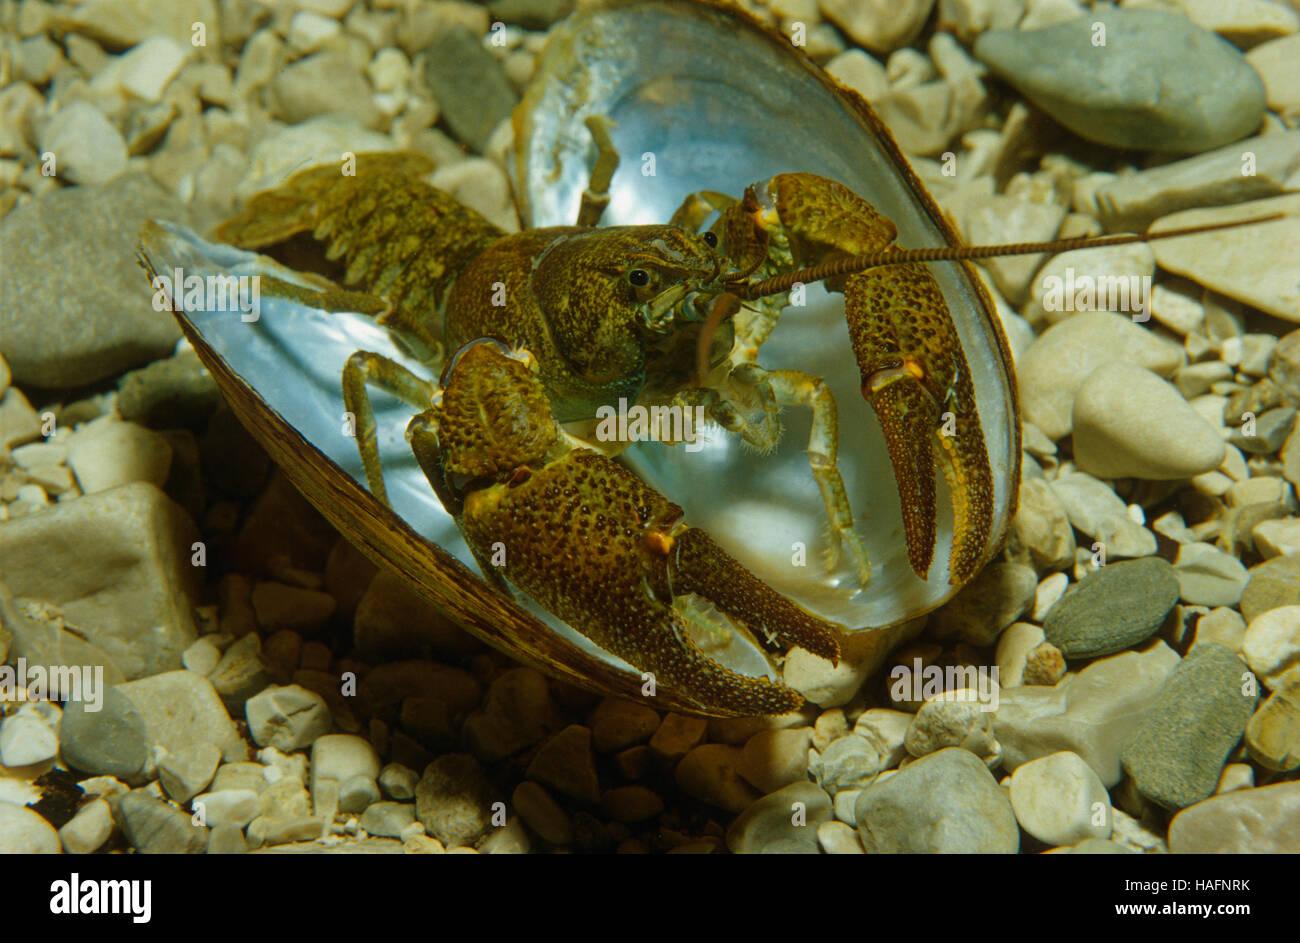 Anodonta Cygnea Stockfotos & Anodonta Cygnea Bilder - Alamy